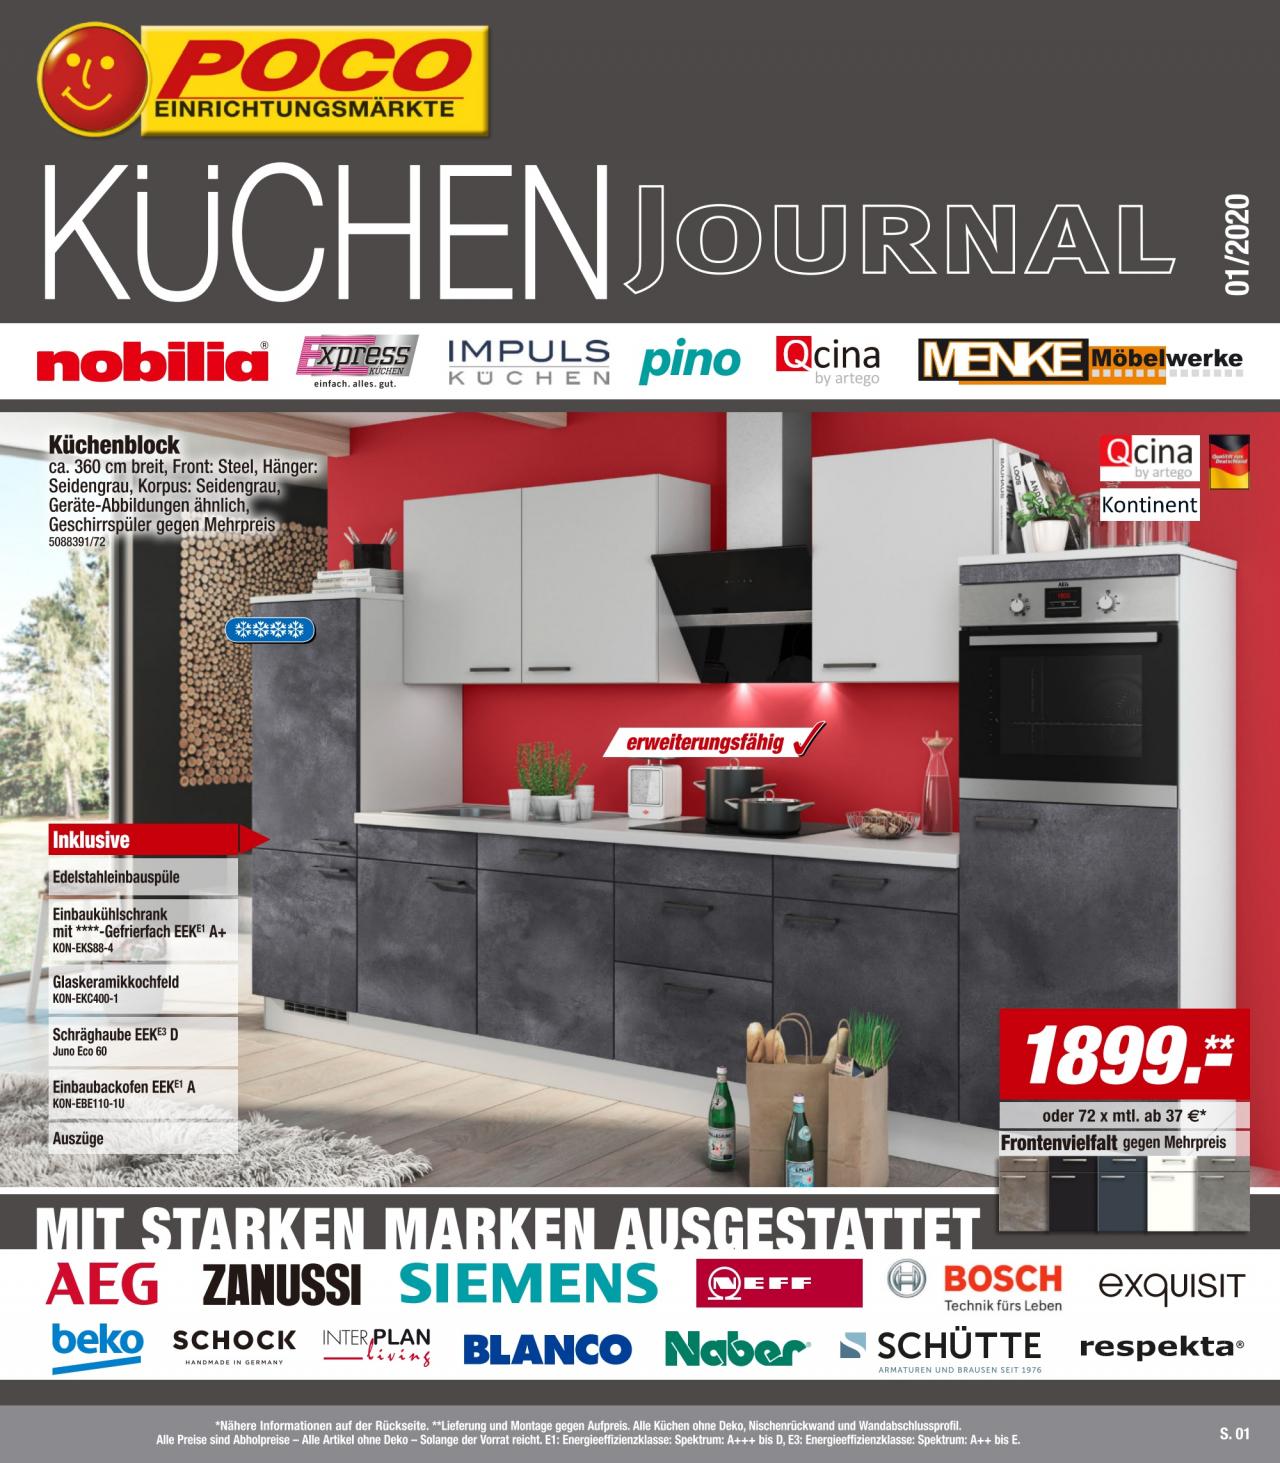 Full Size of Küchenzeile Poco Kchen Journal Vom 04 01 2020 Kupinode Küche Bett Big Sofa Betten Schlafzimmer Komplett 140x200 Wohnzimmer Küchenzeile Poco